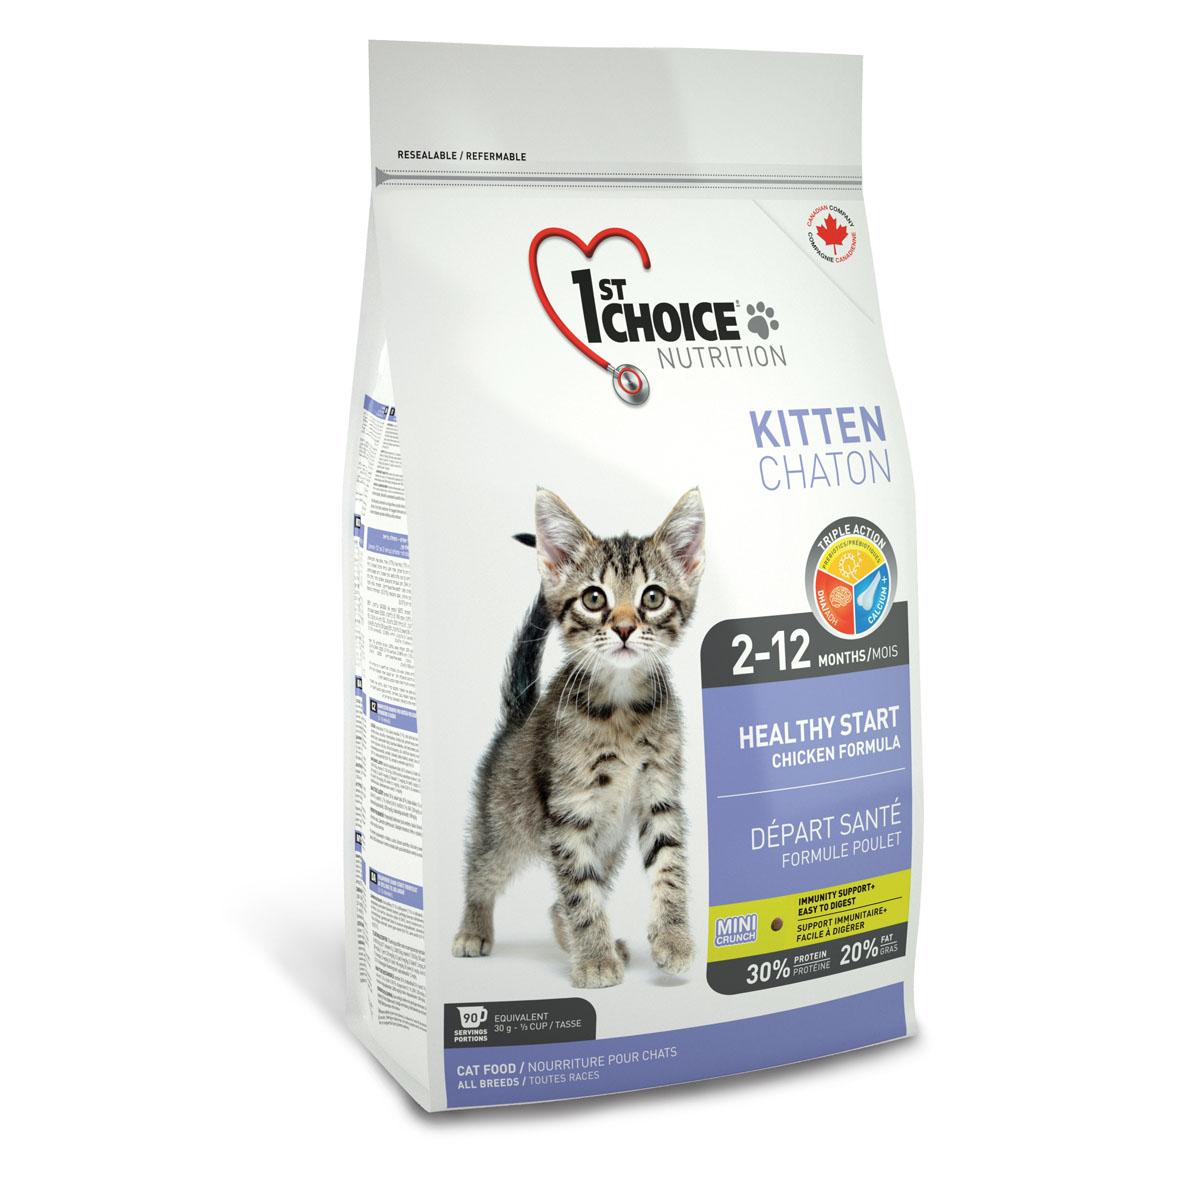 Корм сухой 1st Choice Kitten для котят, с курицей, 2,72 кг0120710Сухой корм 1st Choice Kitten - идеальная формула для начального прикорма котенка с 2 месяцев, когда он нуждается в новых источниках питания вместо материнского молока. При этом нет необходимости разделять котенка с мамой. Корм содержит все необходимое не только для растущего организма, но и для беременных и кормящих кошек. Оптимальное питание для старта в здоровую жизнь. Помогает сохранить идеальную кондицию и оптимальный вес. Идеальный рН-баланс для здоровья мочевыделительной системы. Содержит экстракт юкки Шидигера, которая связывает аммиак и уменьшает запах экскрементов.Состав: свежая курица 17%, мука из мяса курицы 17%, рис, куриный жир, сохраненный смесью натуральных токоферолов (витамин Е), гороховый протеин, сушеное яйцо, мука из американской сельди (менхаден), коричневый рис, специально обработанные ядра ячменя и овса, гидролизат куриной печени, мякоть свеклы, клетчатка гороха, цельное семя льна, жир лосося (источник DHA), сушеная мякоть томата, калия хлорид, лецитин, холина хлорид, соль, кальция пропионат, кальция карбонат, экстракт дрожжей (источник маннан-олигосахаридов), таурин, натрия бисульфат, DL-метионин, экстракт цикория (источник инулина), железа сульфат, аскорбиновая кислота (витамин С), L-лизин, цинка оксид, натрия селенит, альфа-токоферол ацетат (витамин Е), никотиновая кислота, экстракт юкки Шидигера, кальция иодат, марганца оксид, D-кальция пантотенат, тиамина мононитрат, рибофлавин, пиридоксина гидрохлорид, витамин А, холекальциферол (витамин Д3), цинка протеинат, биотин, сушеная мята 0,01%, сушеная петрушка 0,01%, экстракт зеленого чая 0,01%, марганца протеинат, витамин В12, кобальта карбонат, фолиевая кислота, меди протеинат. Гарантированный анализ: сырой протеин мин. 30%, сырой жир мин.20%, сырая клетчатка макс. 3,5%, влага макс. 10%, зола макс. 9%, кальций мин. 1,1%, фосфор мин. 0,9%, марганец макс. 0,1%, таурин 2300 мг/кг, витамин А мин. 34 000 МЕ/кг, витамин Д3 мин. 2 000 